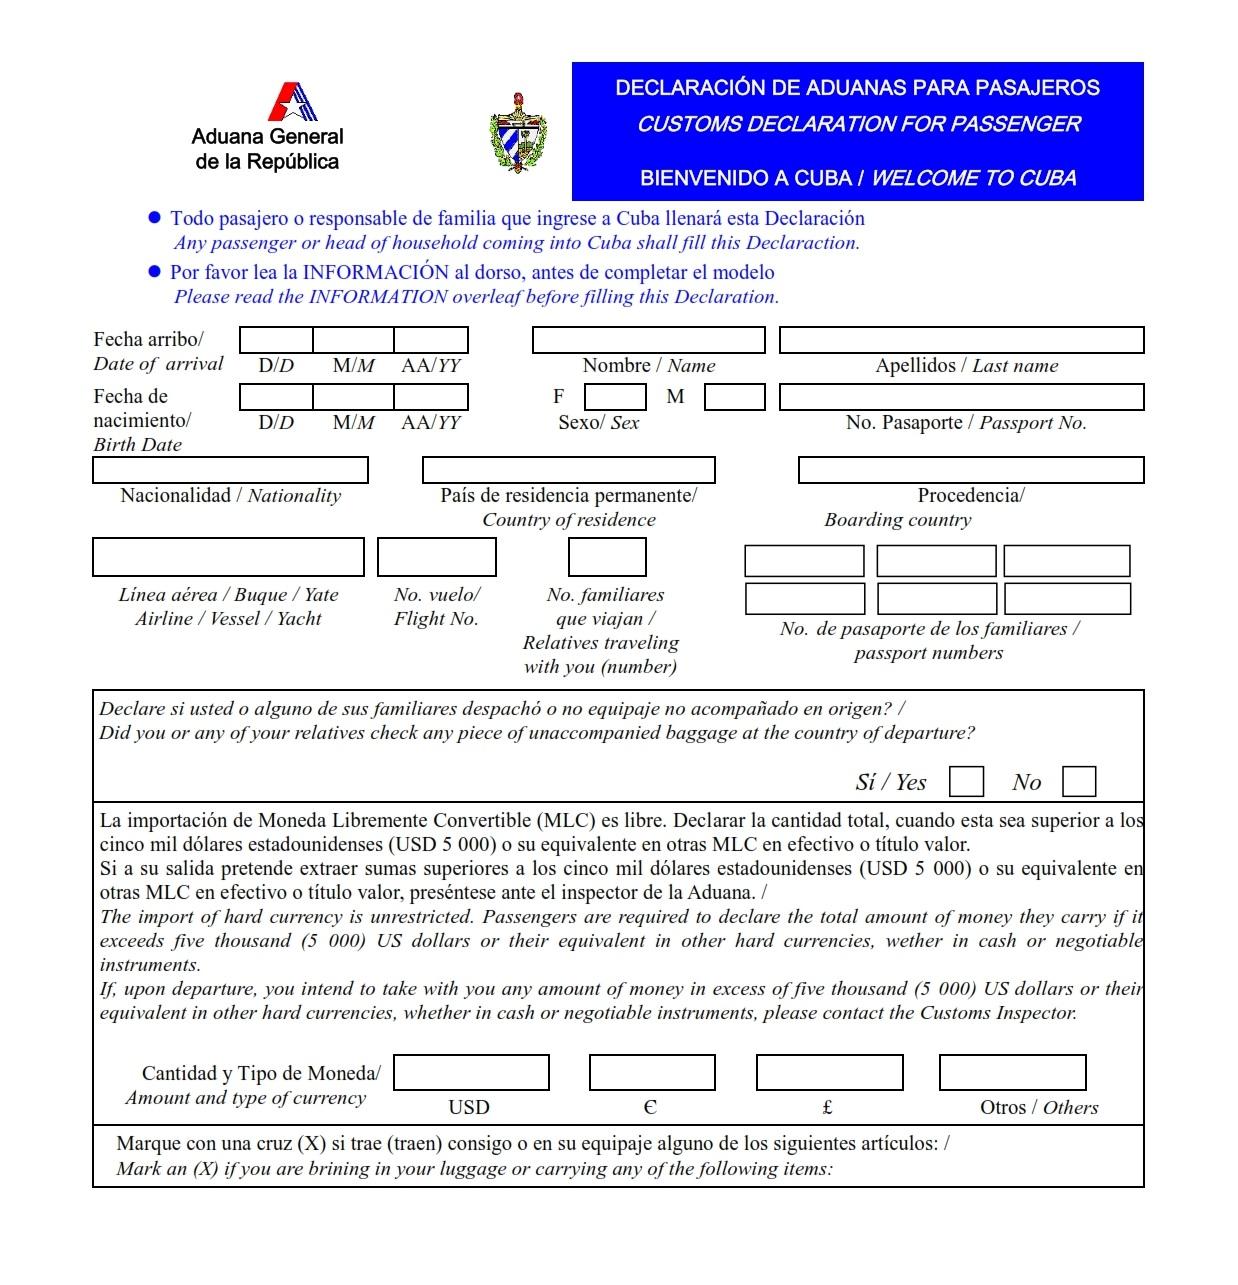 Nueva Declaración de Aduanas vigente desde el 15 de enero de 2013 ... 995b988cd958